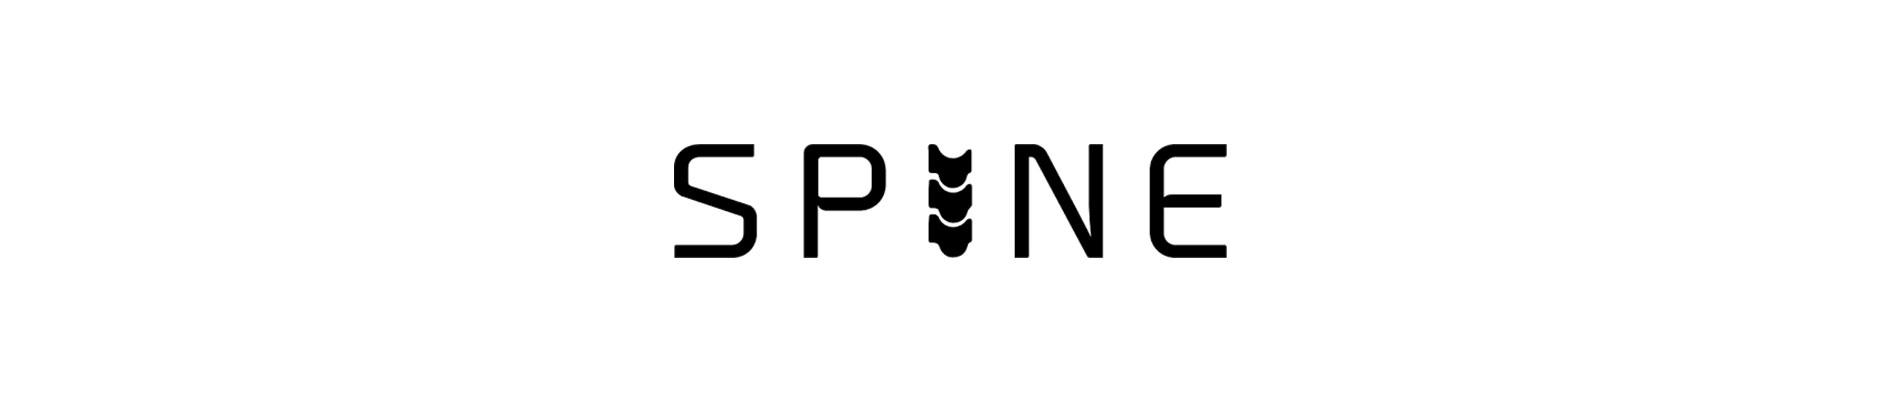 spine designer frames header logo